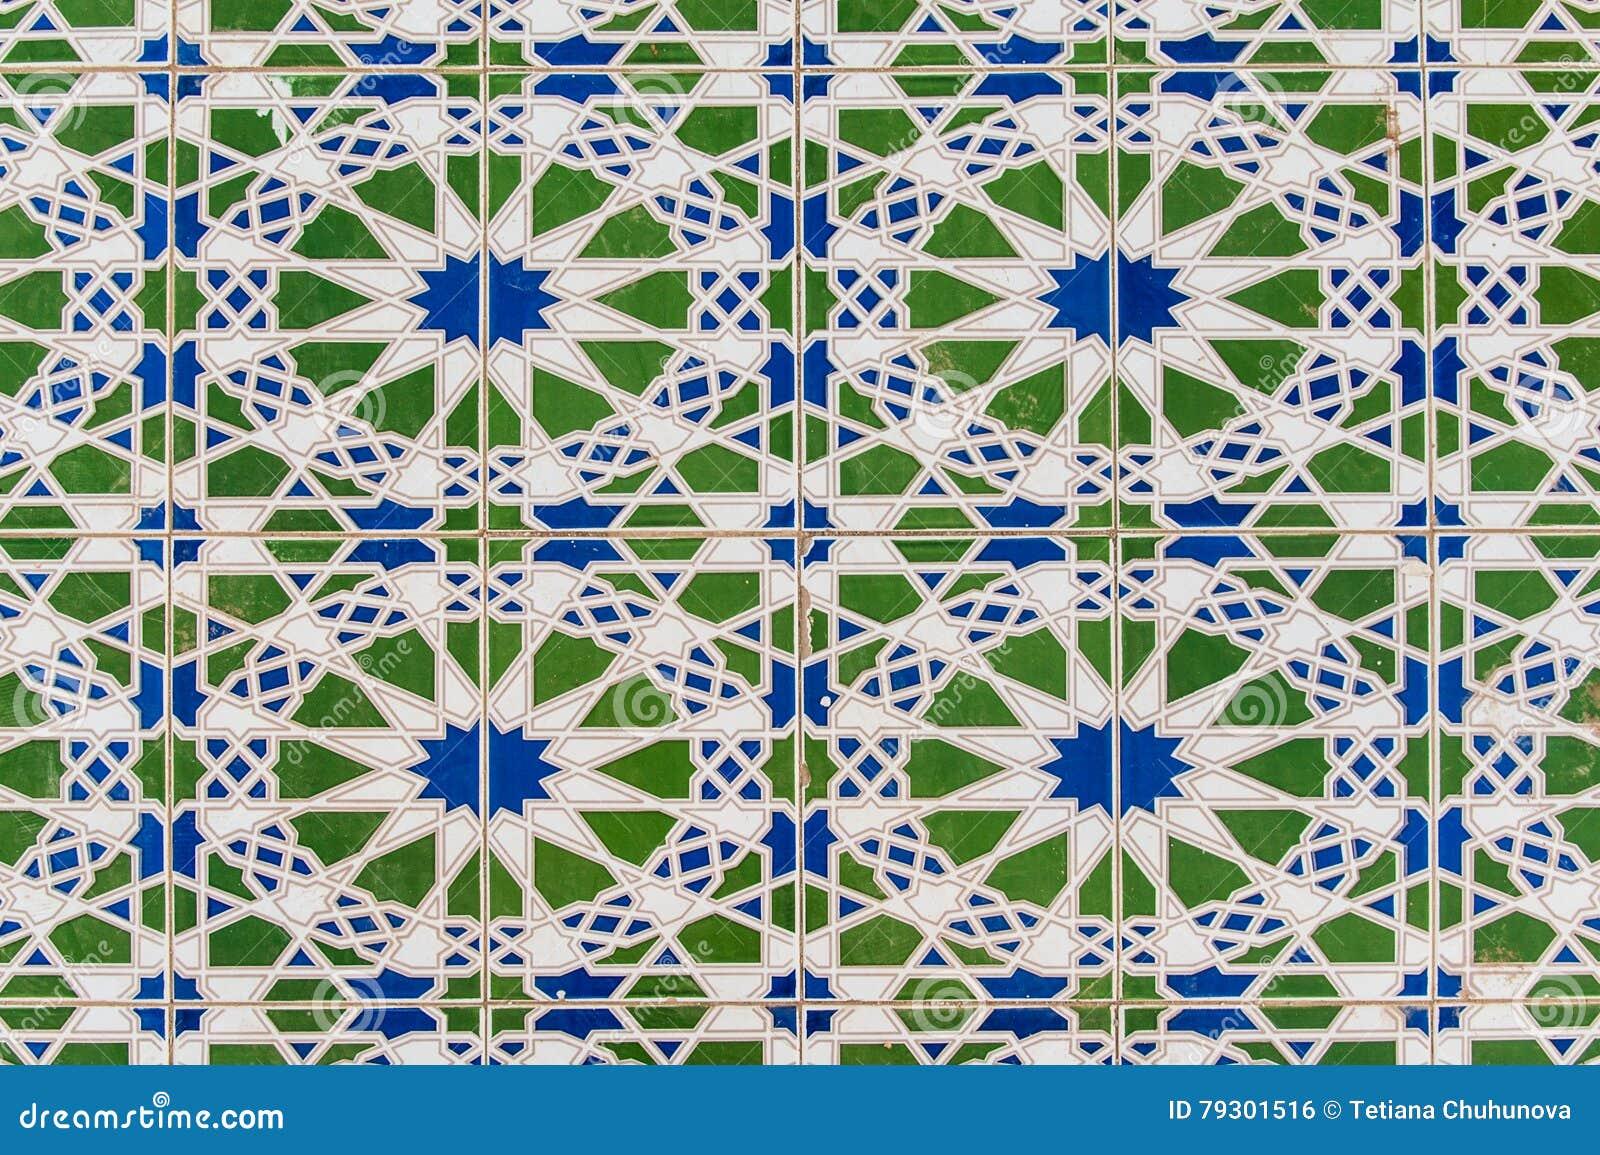 Tegels Met Patroon : Decoratief patroon van tegels in marokkaanse stijl stock foto